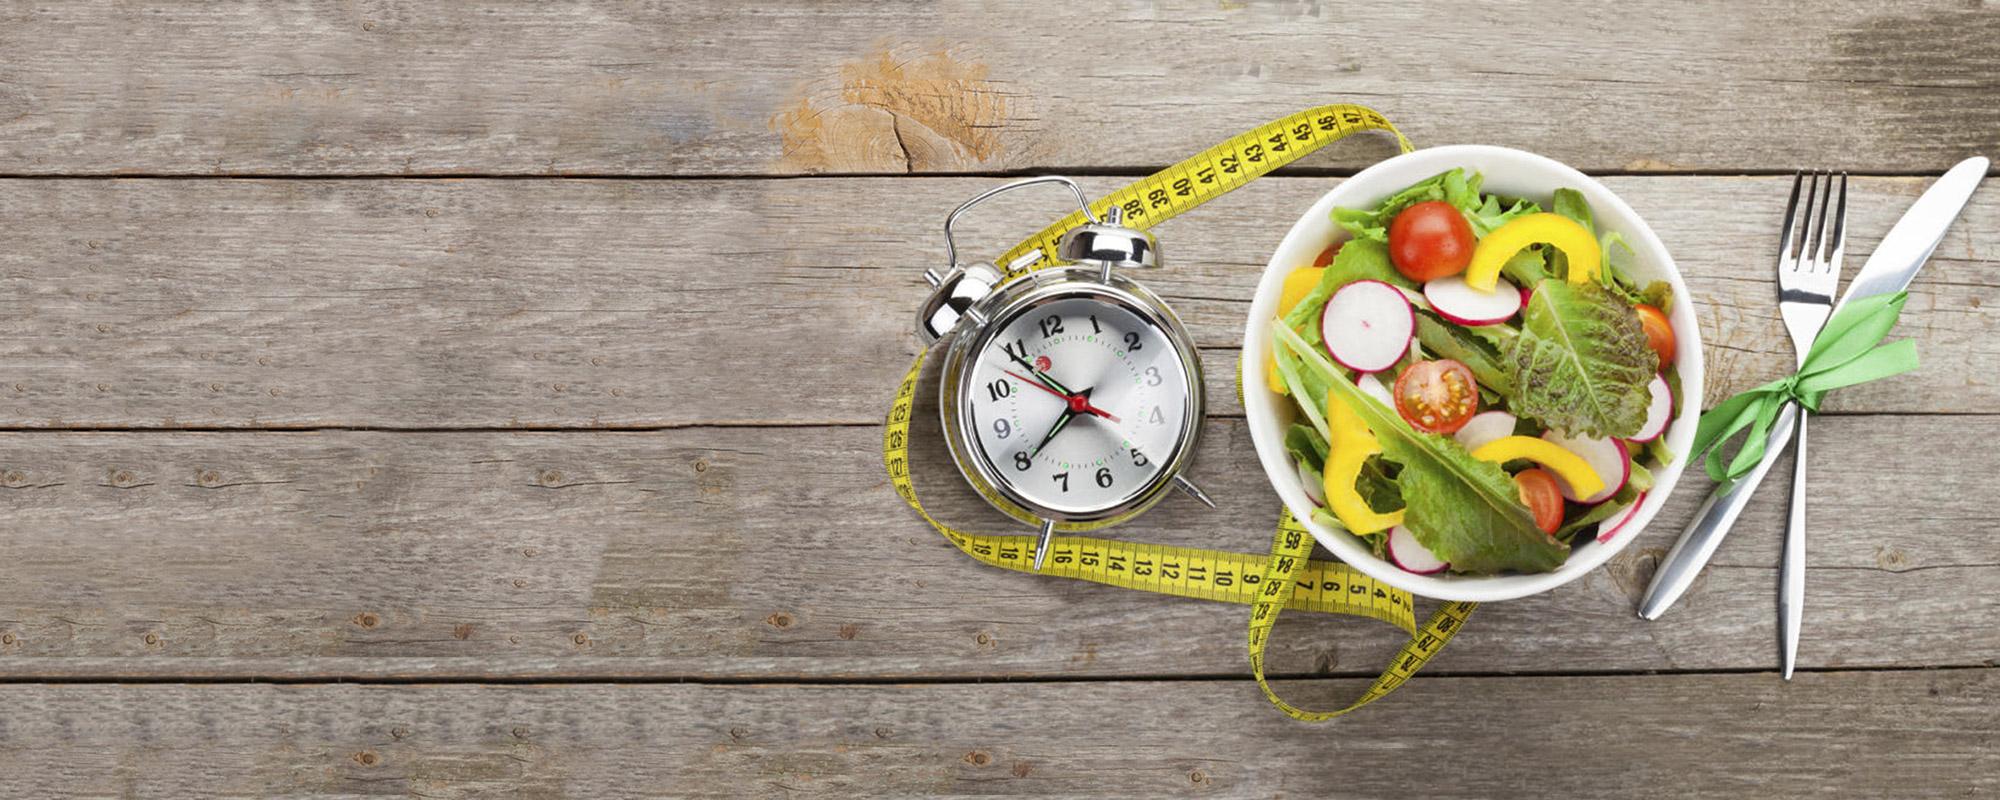 Sağlıklı beslenme hakkında bilmek istediğiniz her şey